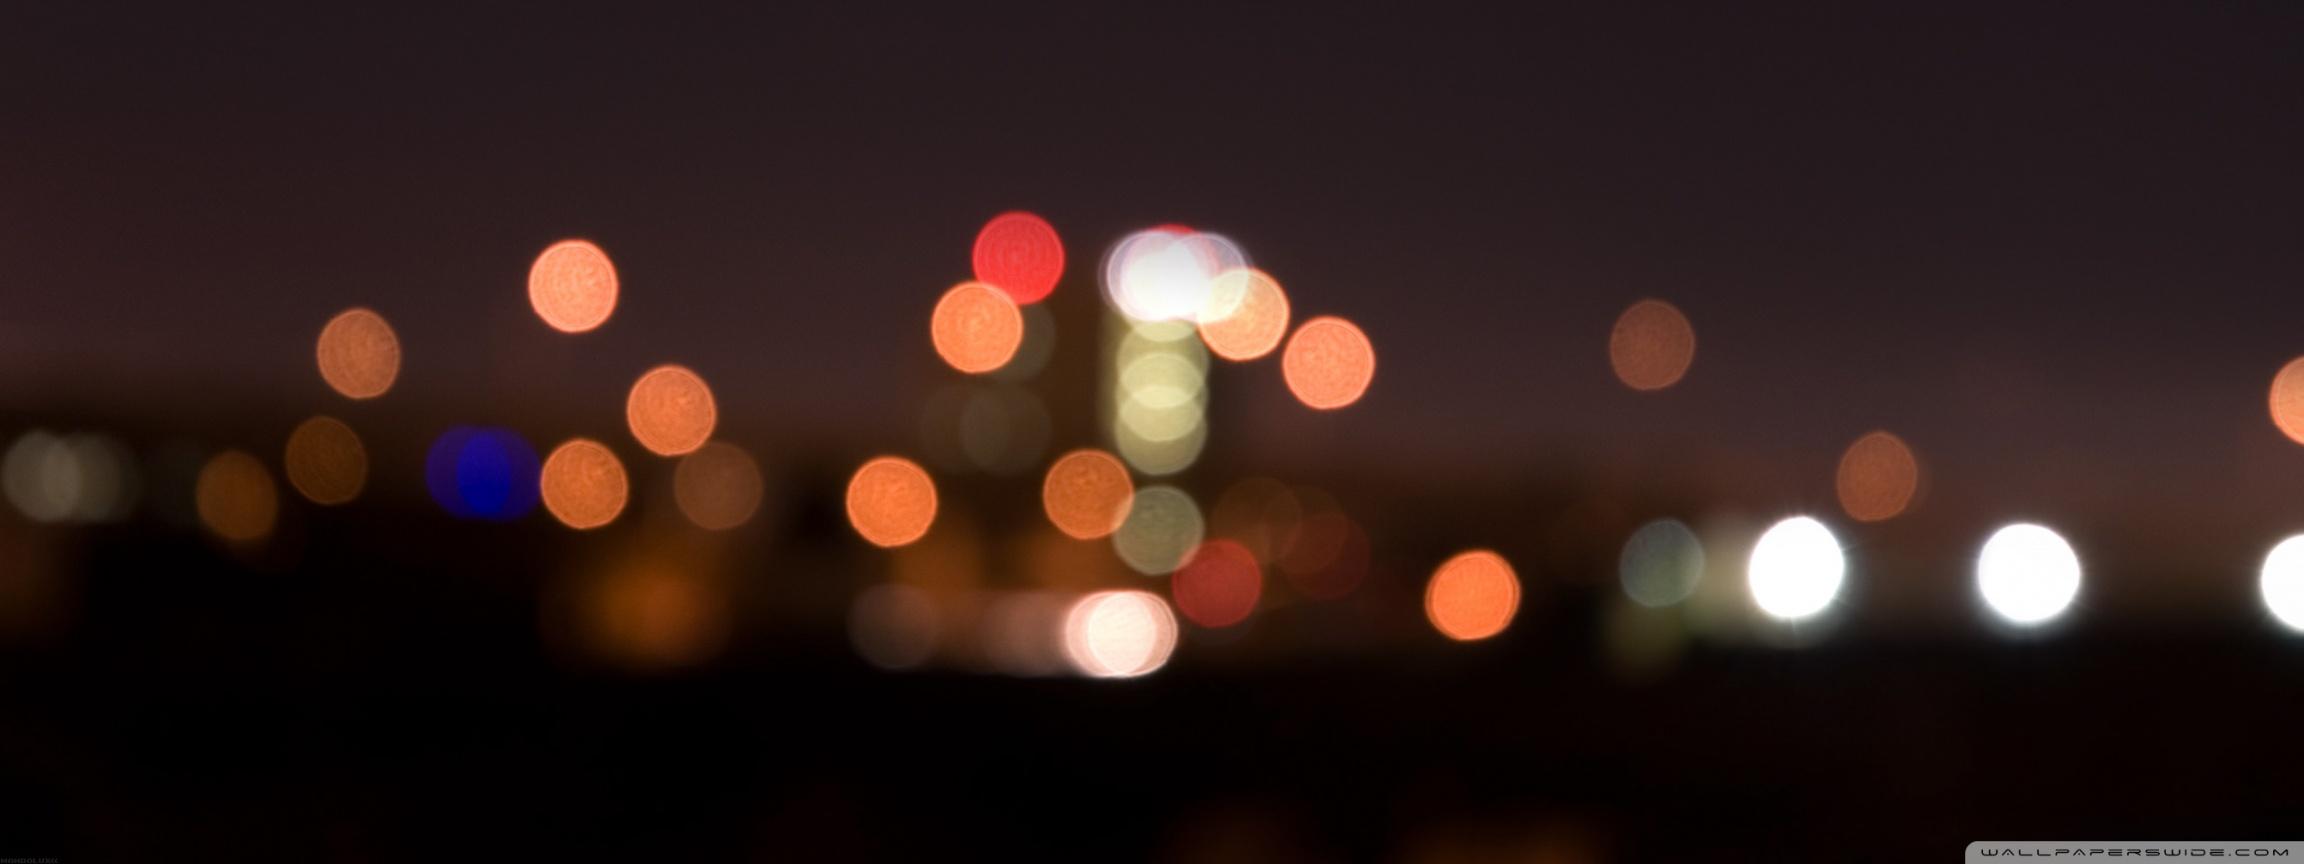 Night Lights Wallpaper